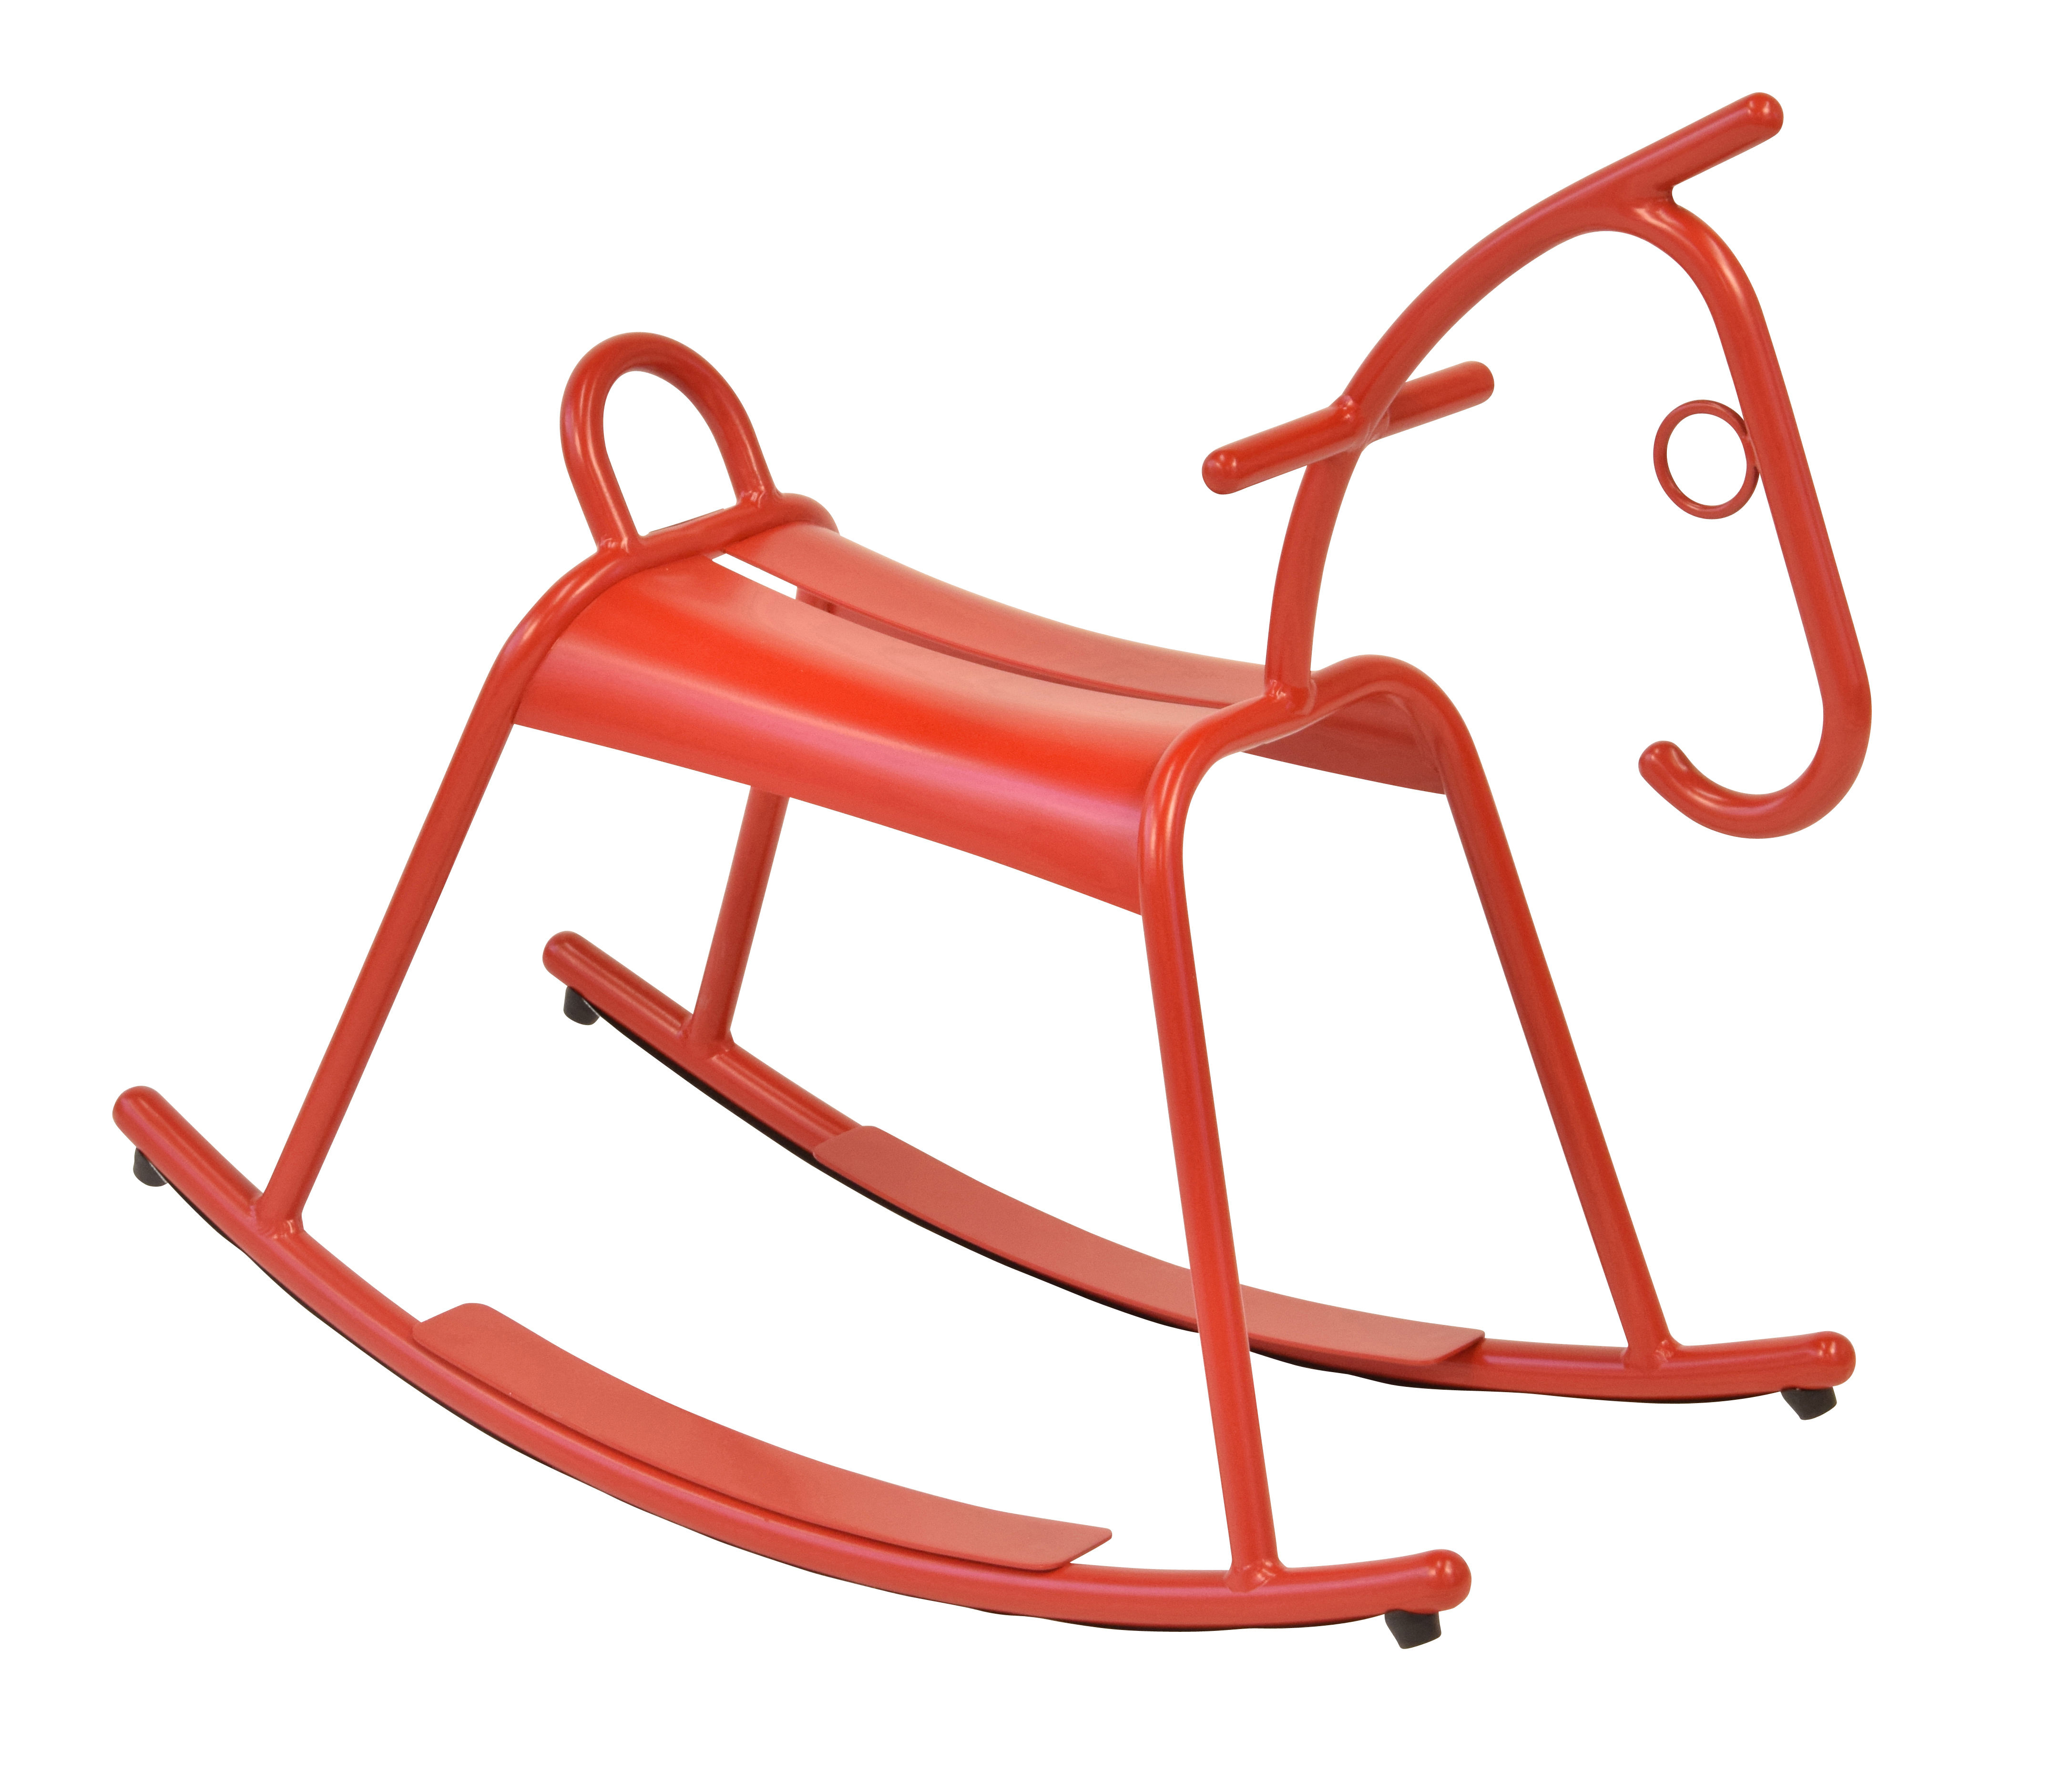 Arredamento - Mobili per bambini - Cavallino a dondolo Adada / Interno-esterno - Fermob - Papavero - Alluminio